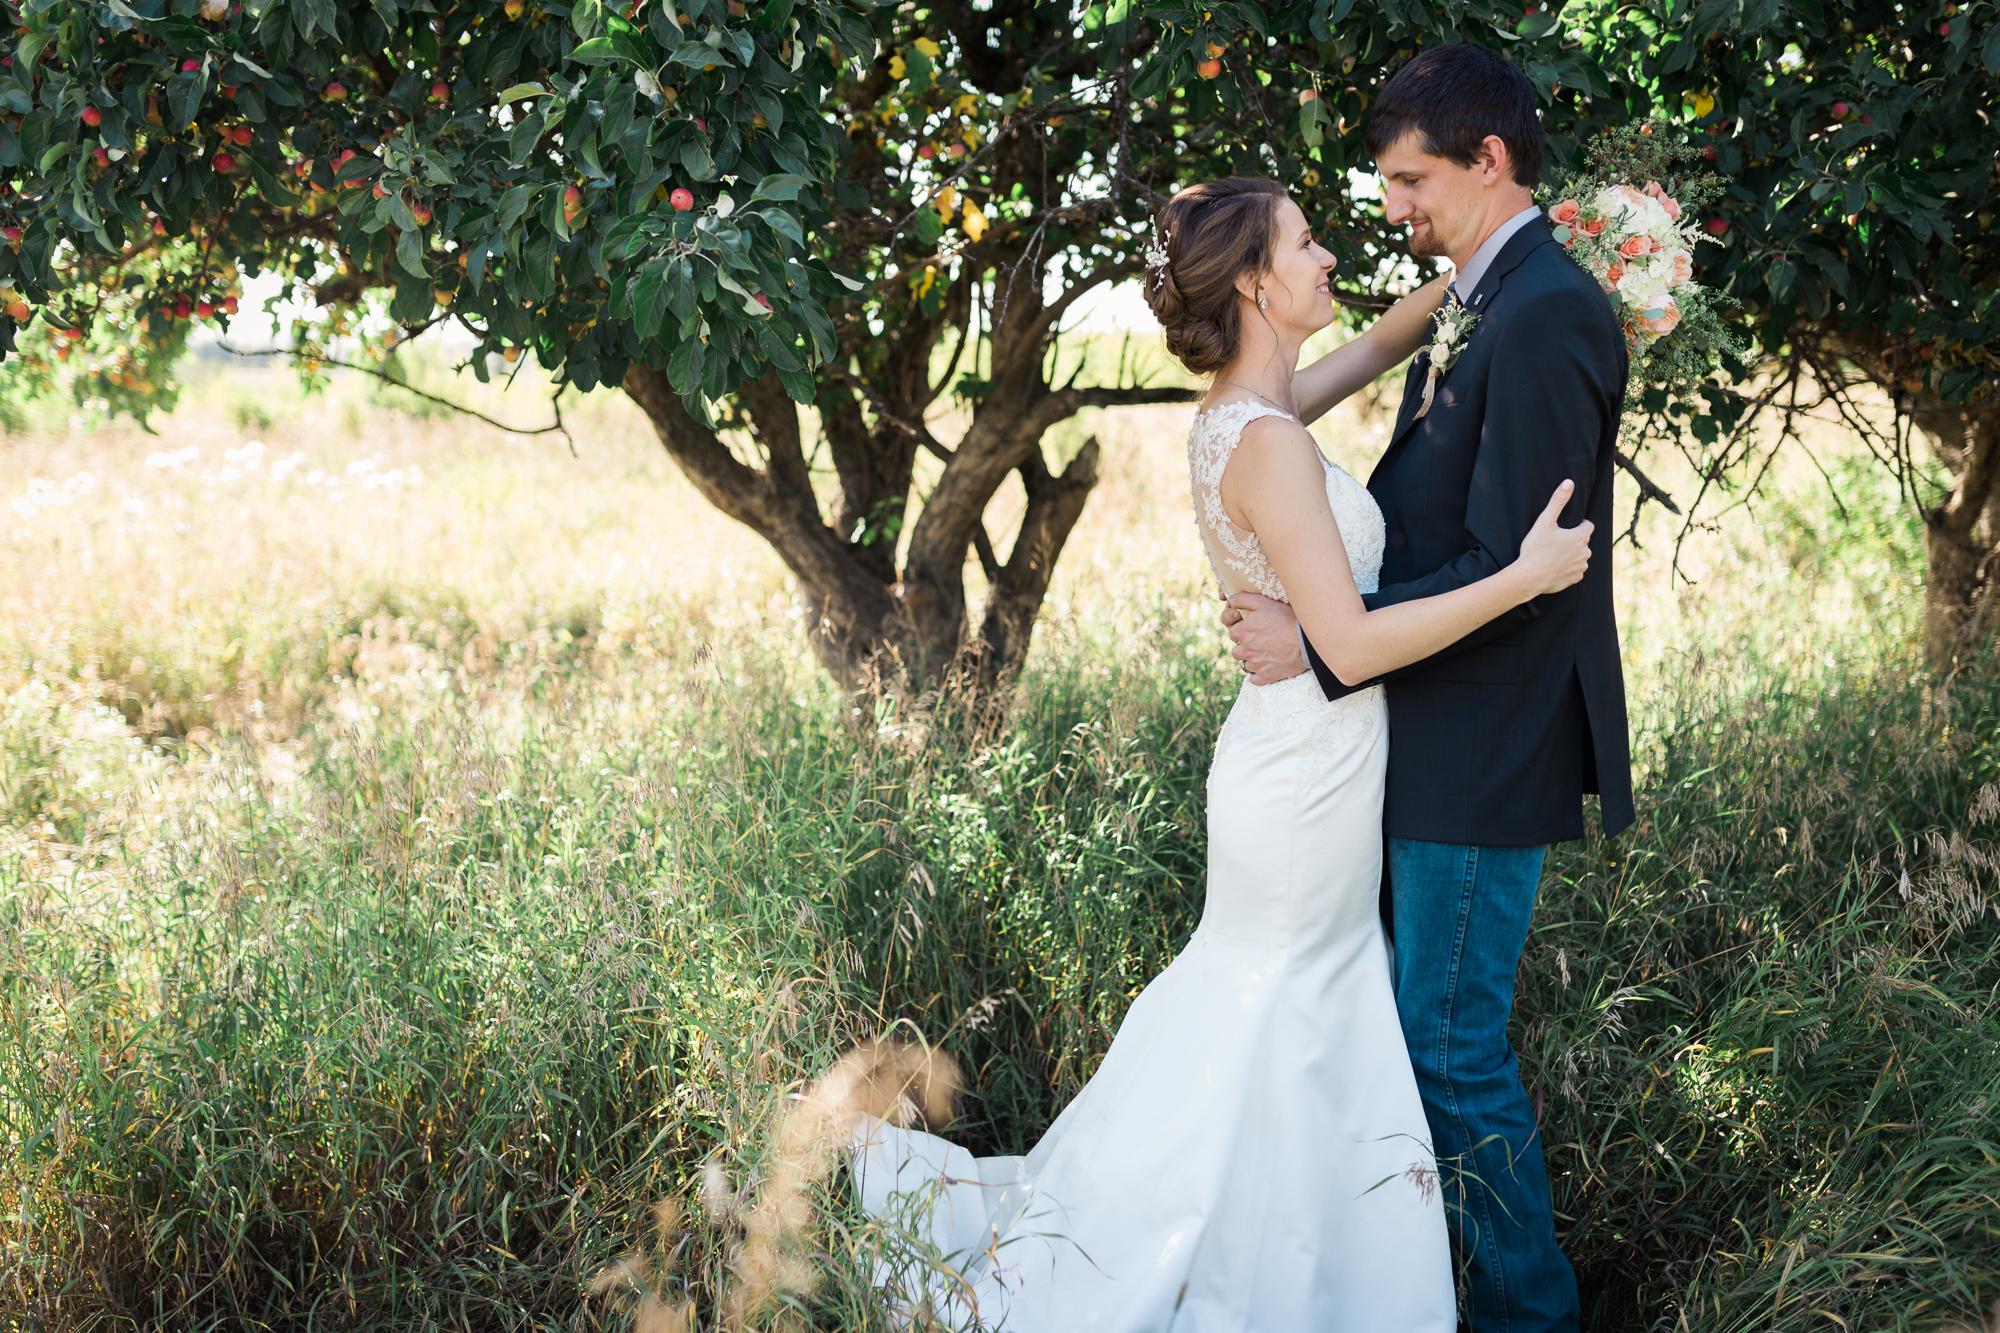 Deanna-Rachel-Photography-calgary-Wedding-photographer-jm-51.jpg